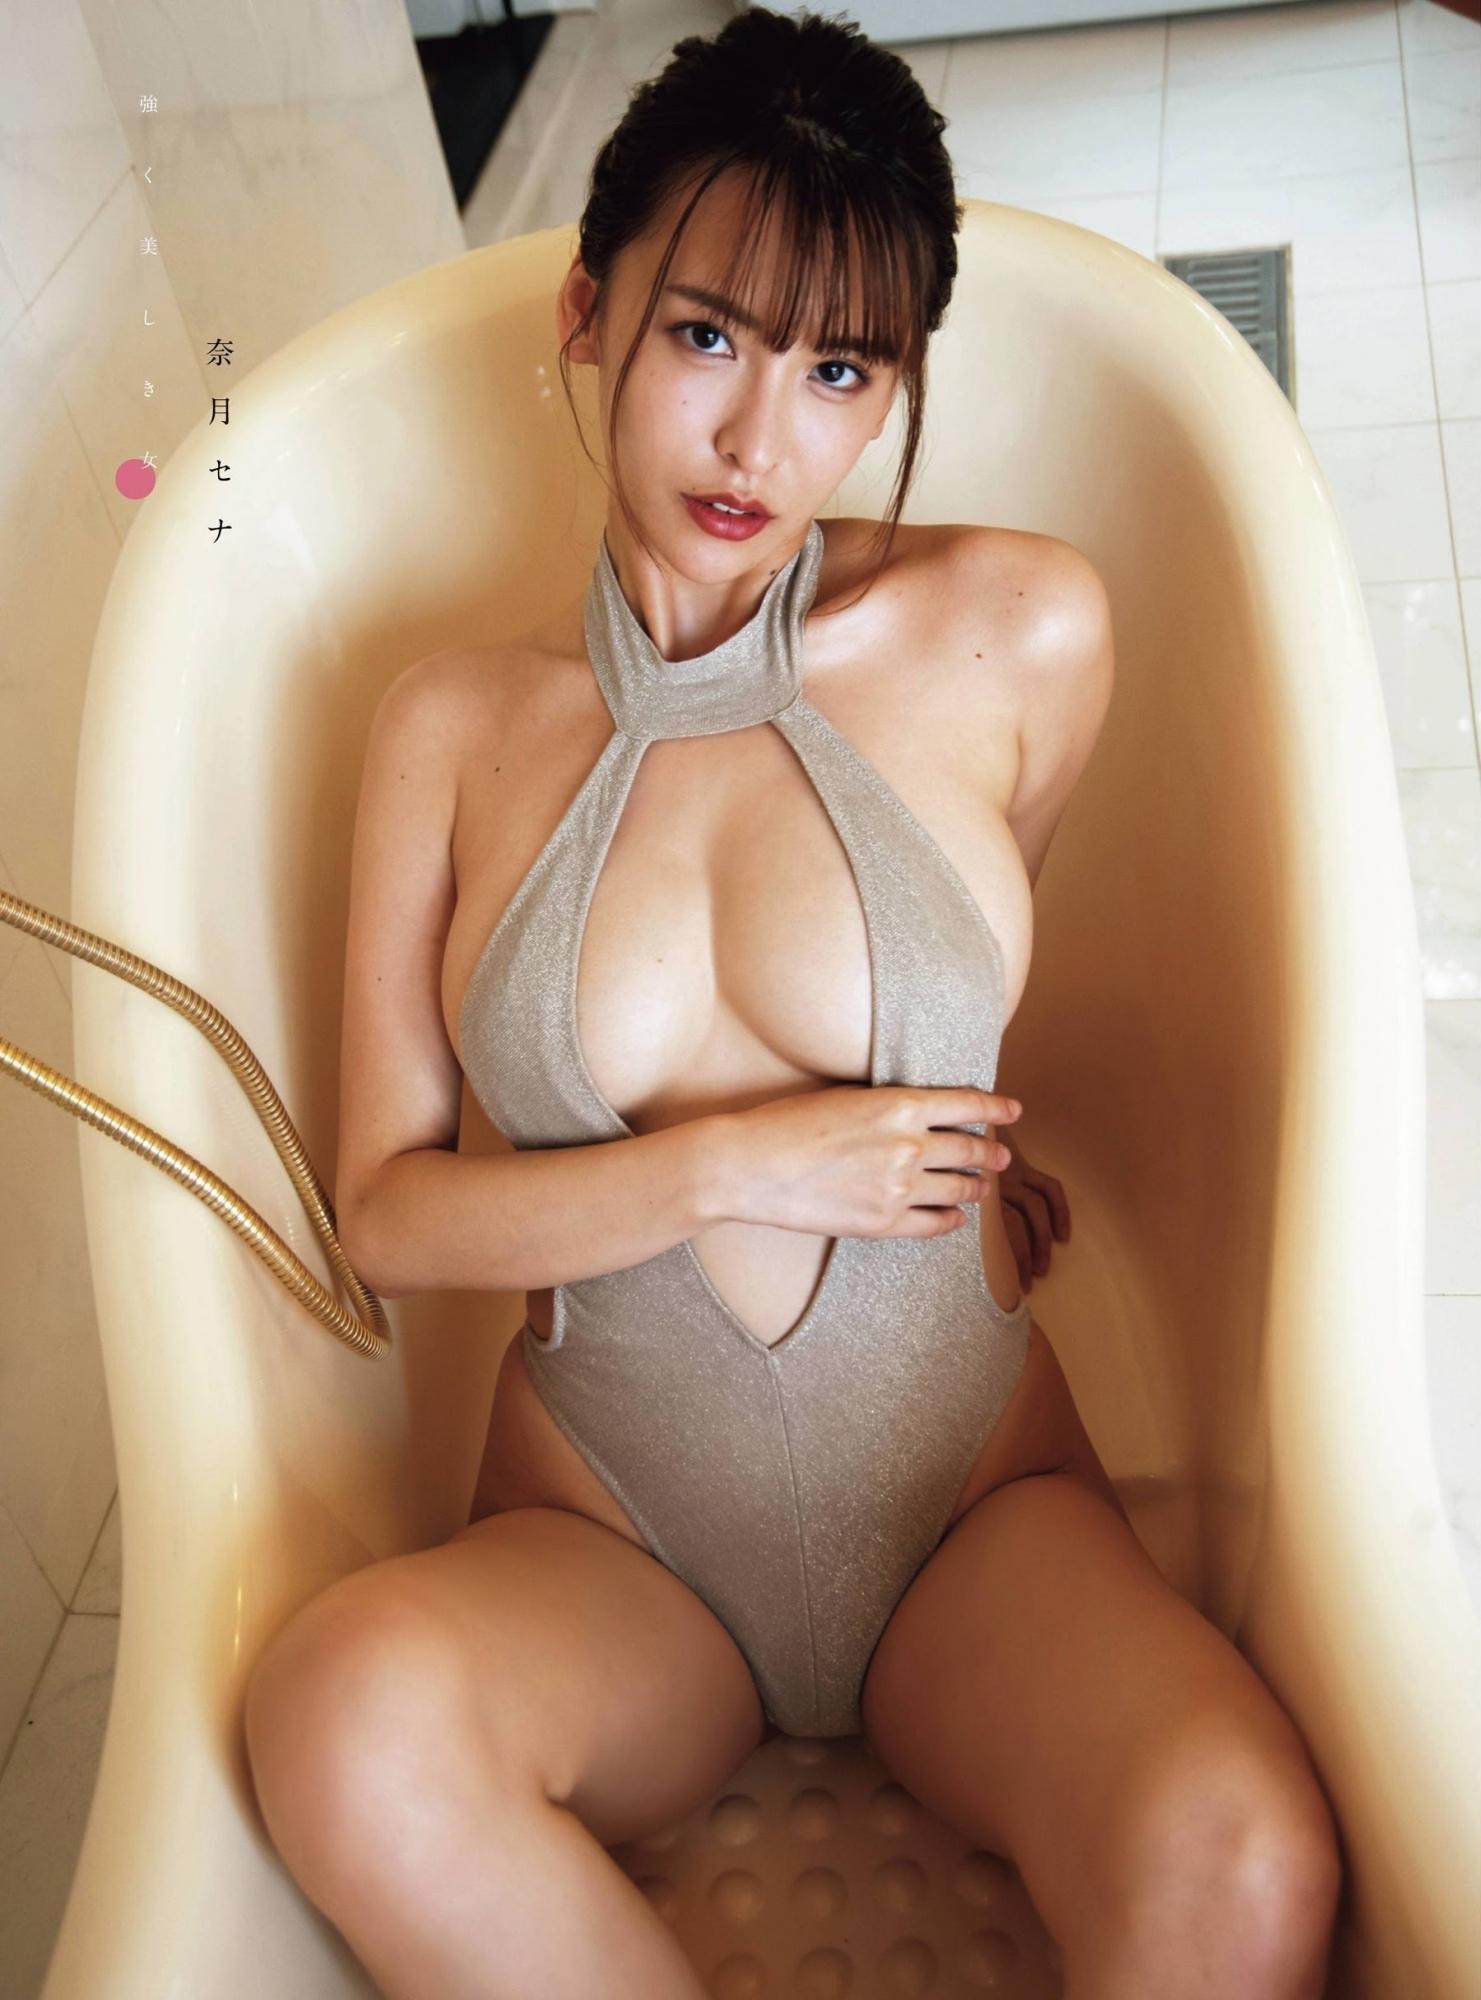 九头身日本甜姐儿奈月Sena性感比基尼美照 福利吧 热图4